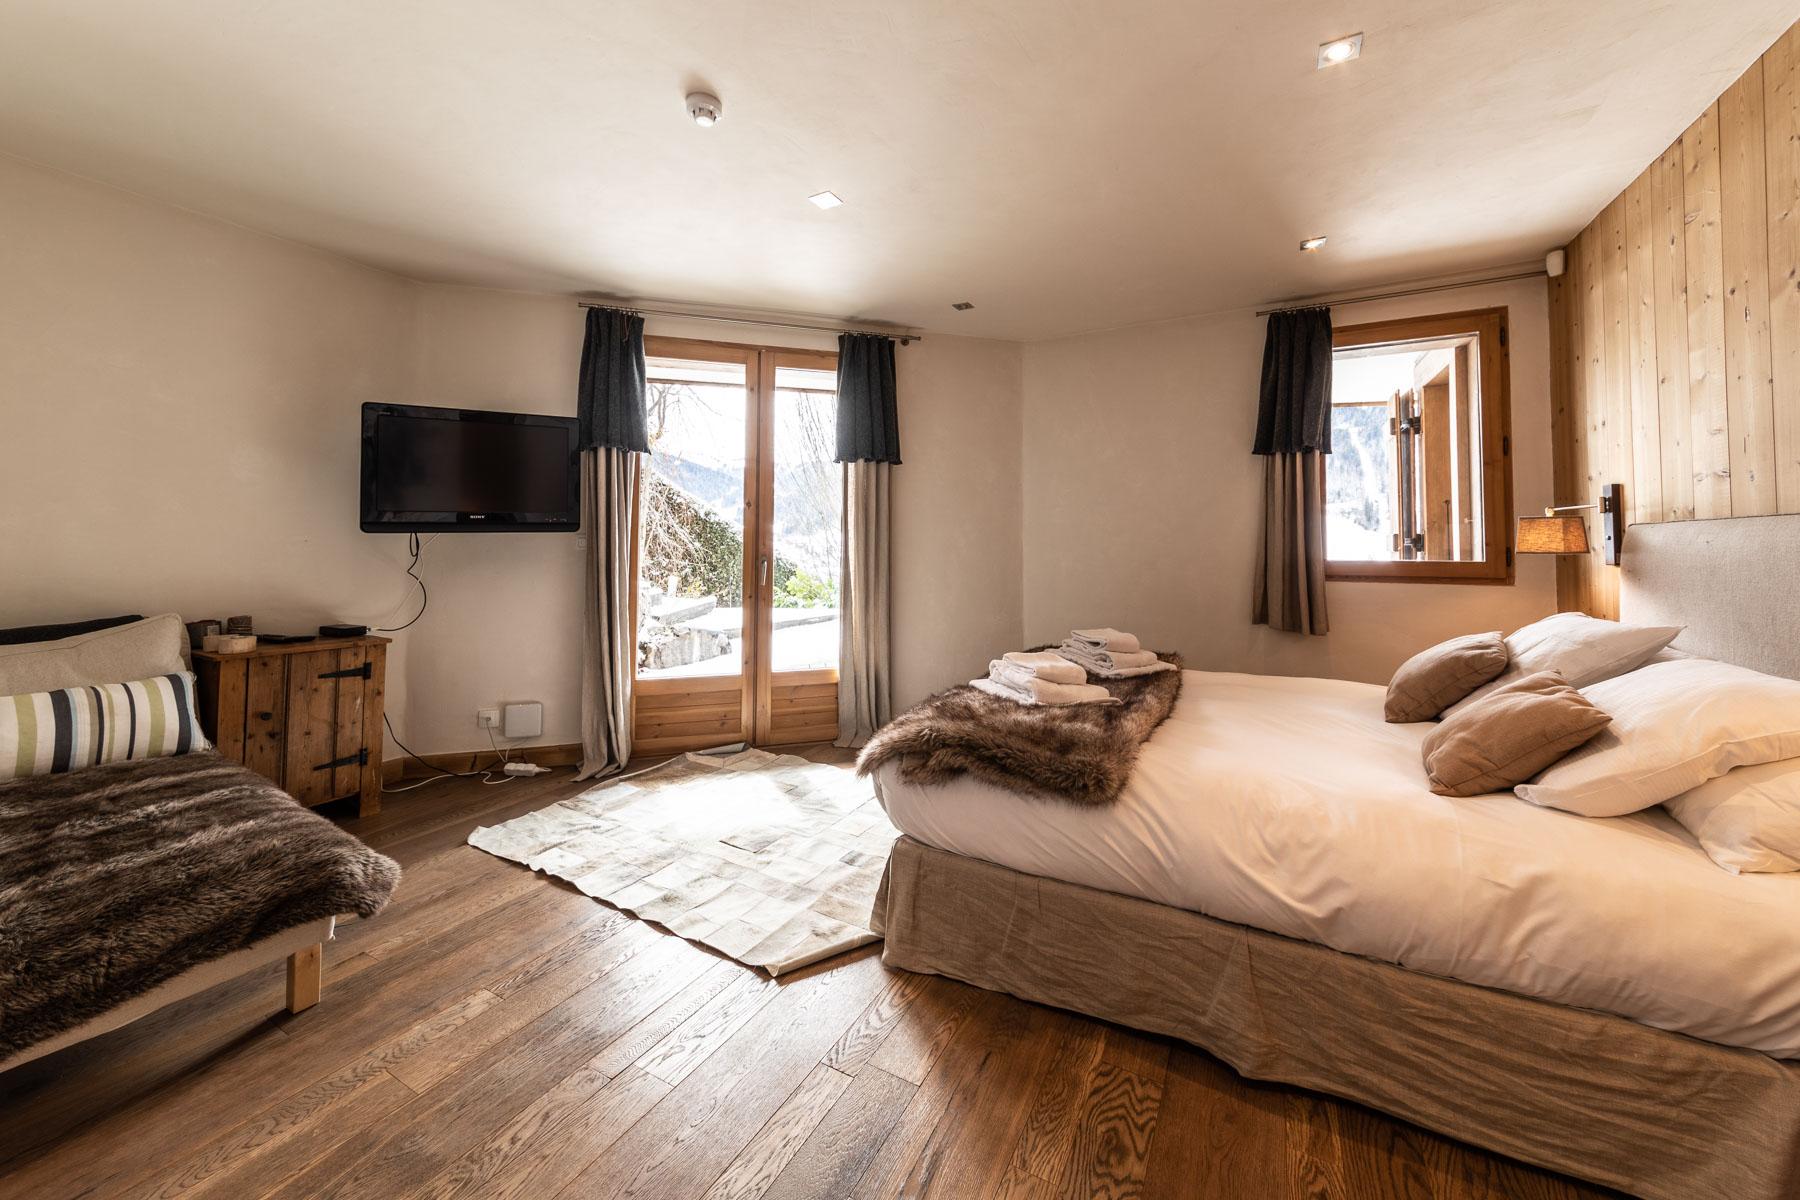 Omaroo 2 Family Bedroom